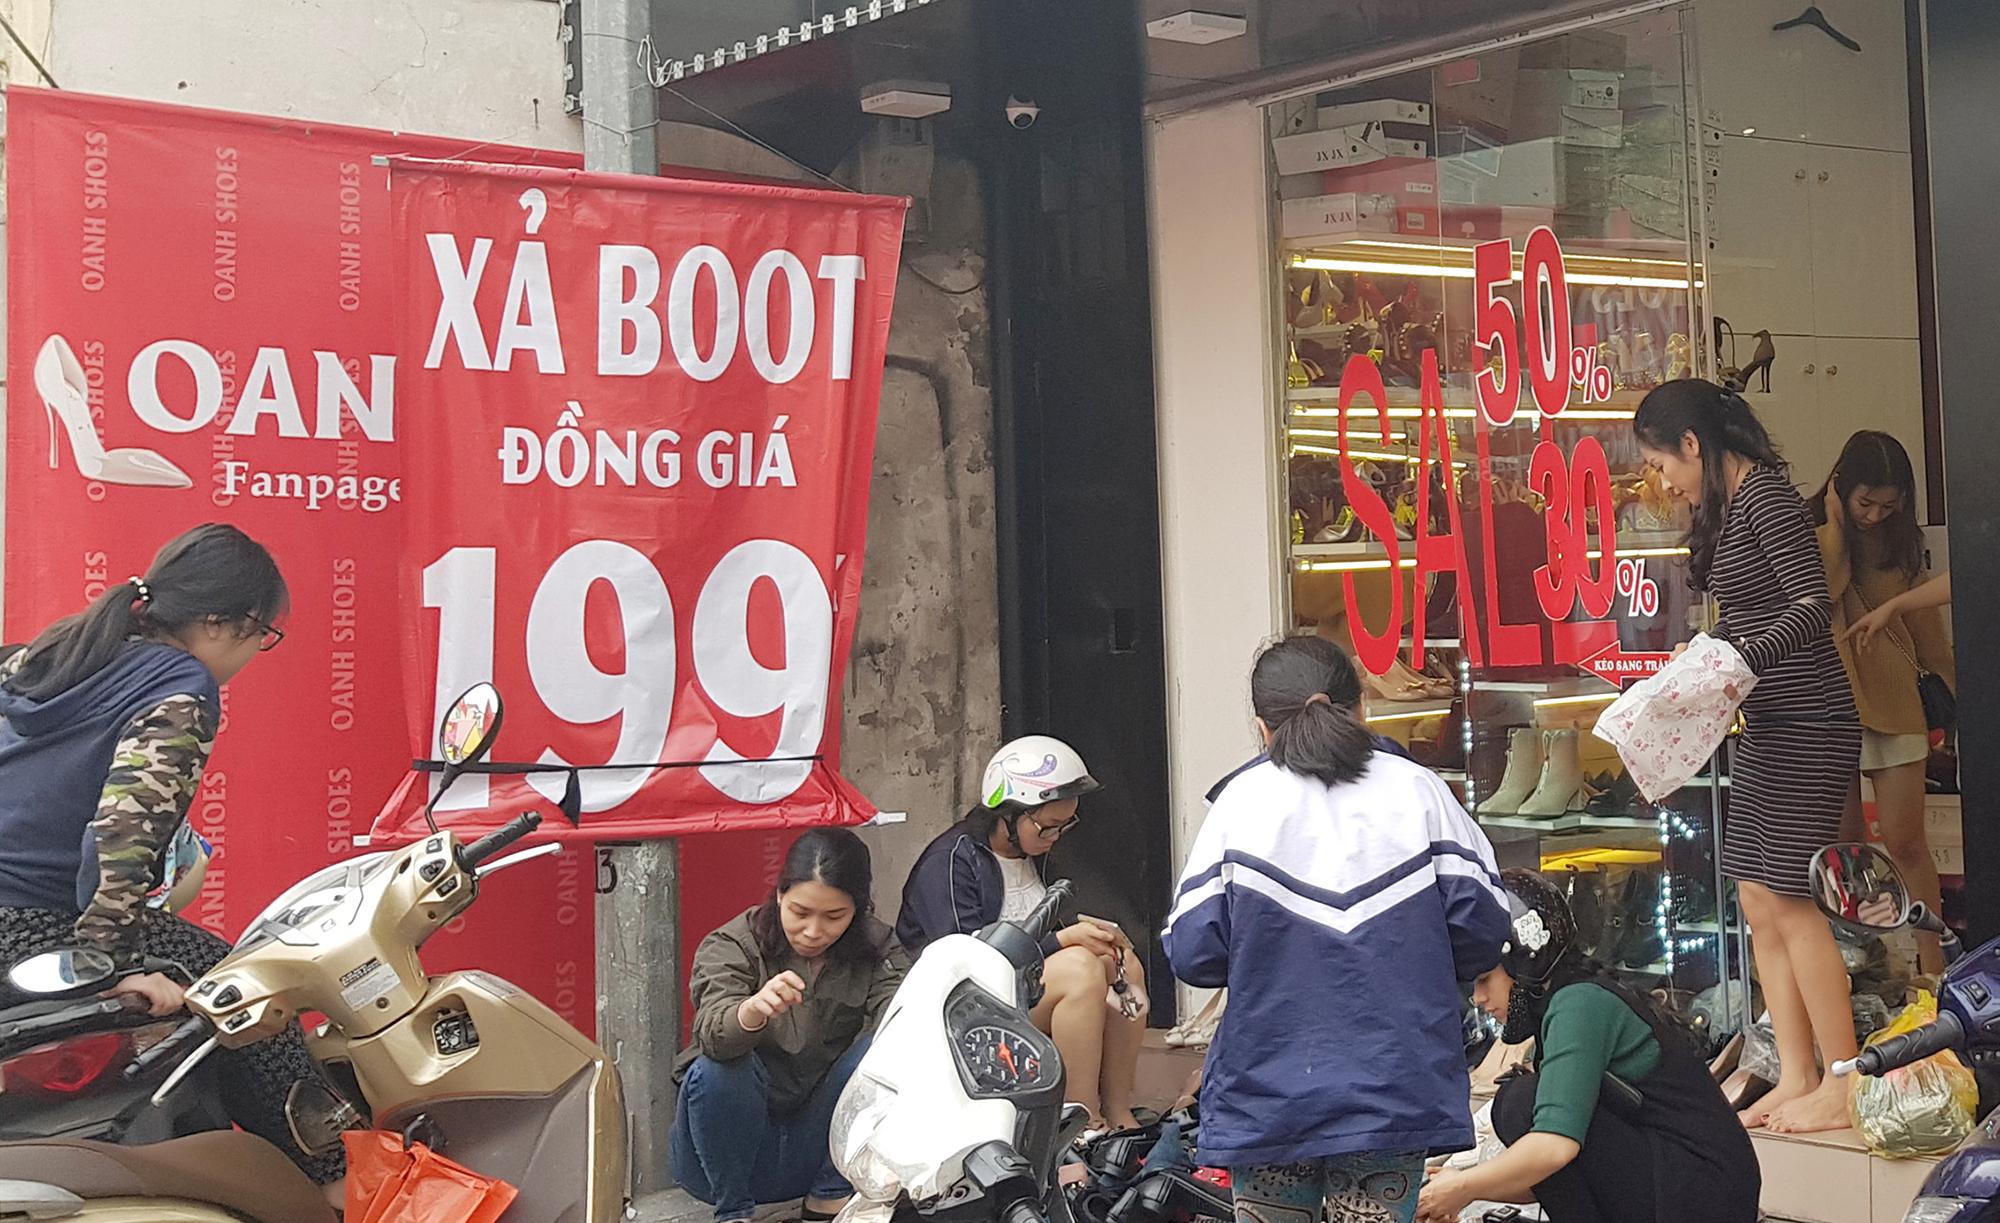 Nhiều chị em tranh thủ chọn mua boots đồng giá 199k